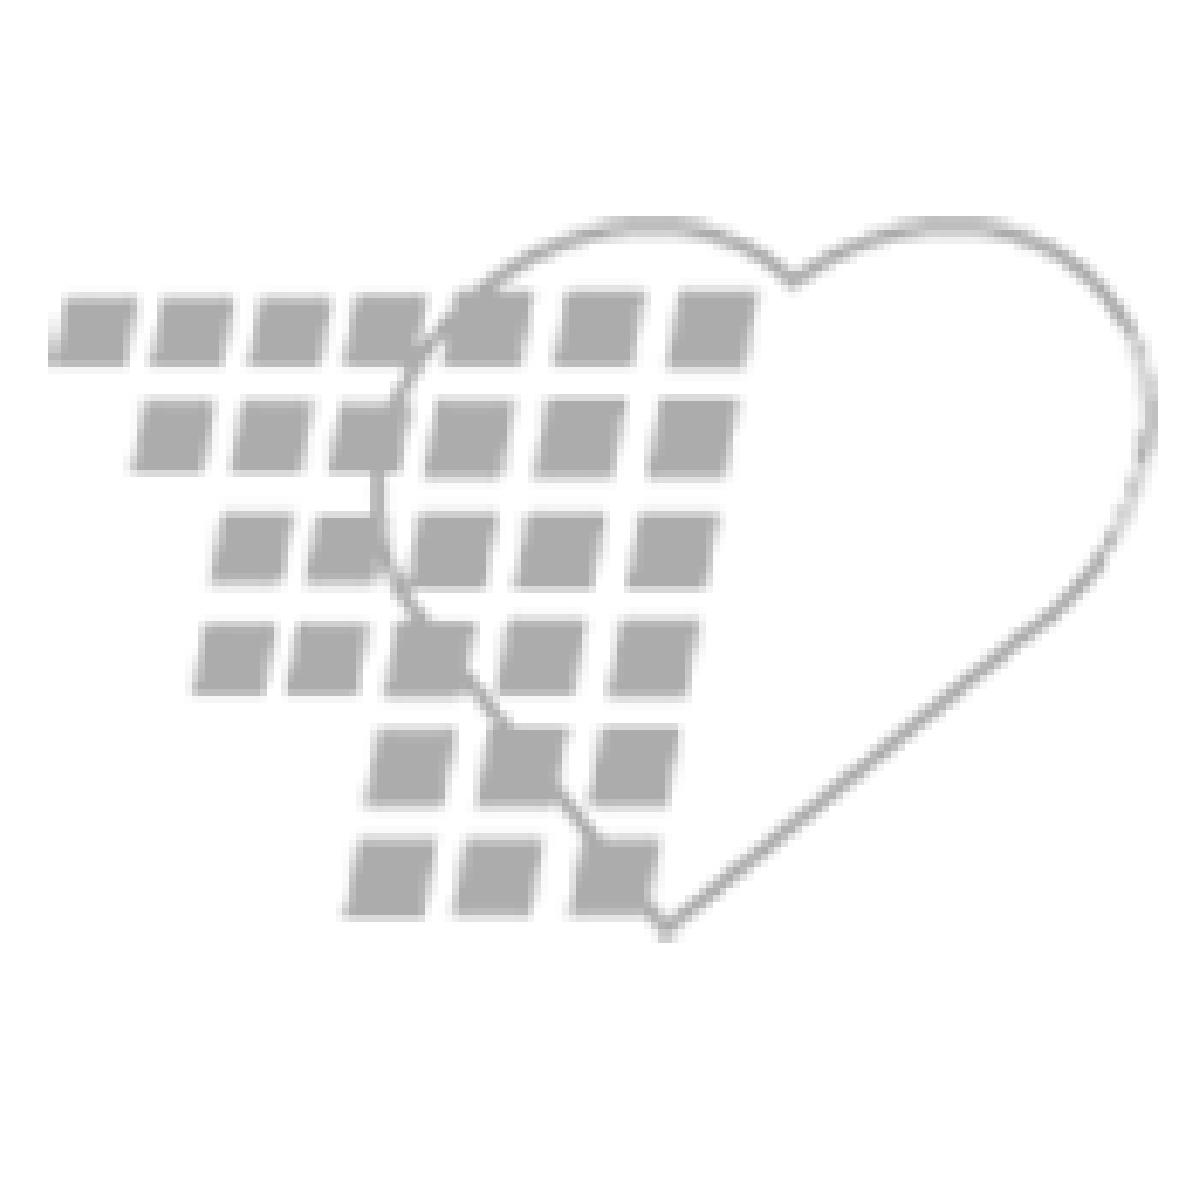 03-70-1123 - North Emergency Eye Wash Refill - 16 oz